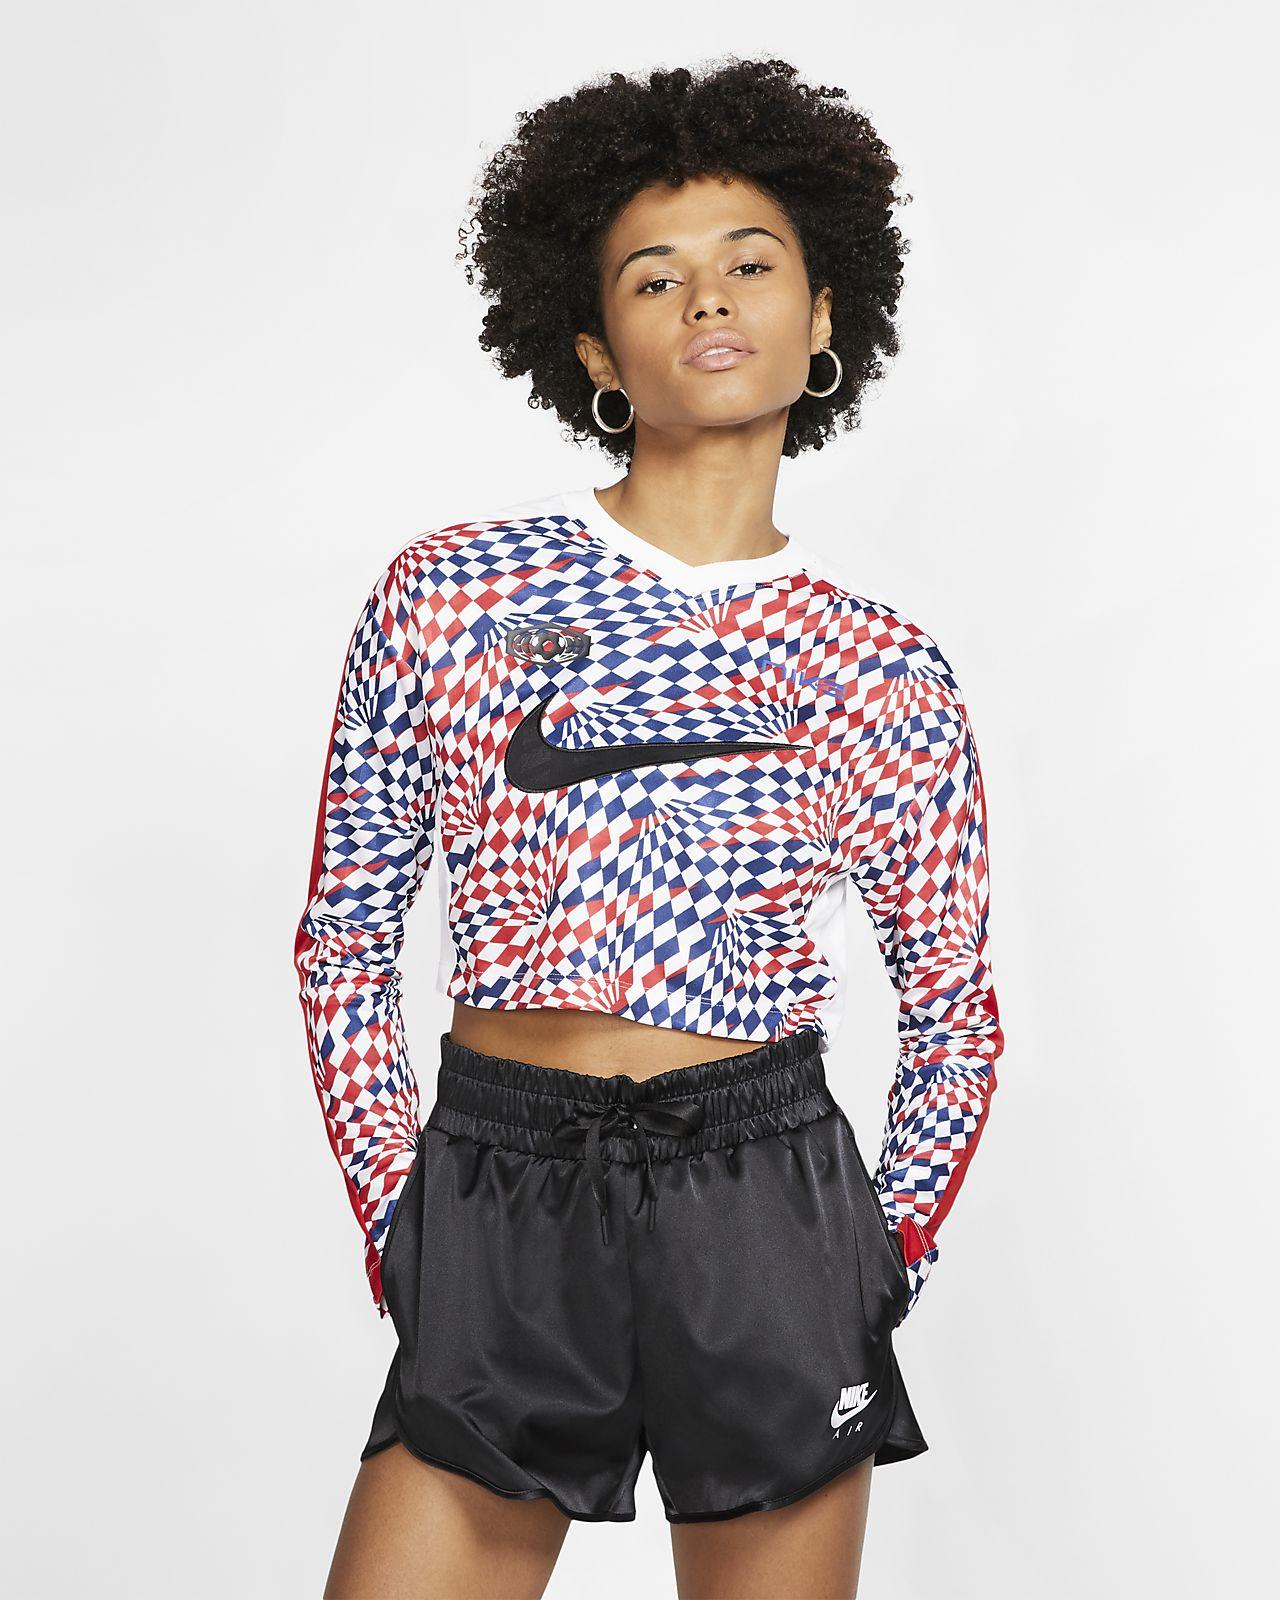 Nike Sportswear Women's Long-Sleeve Crop Top